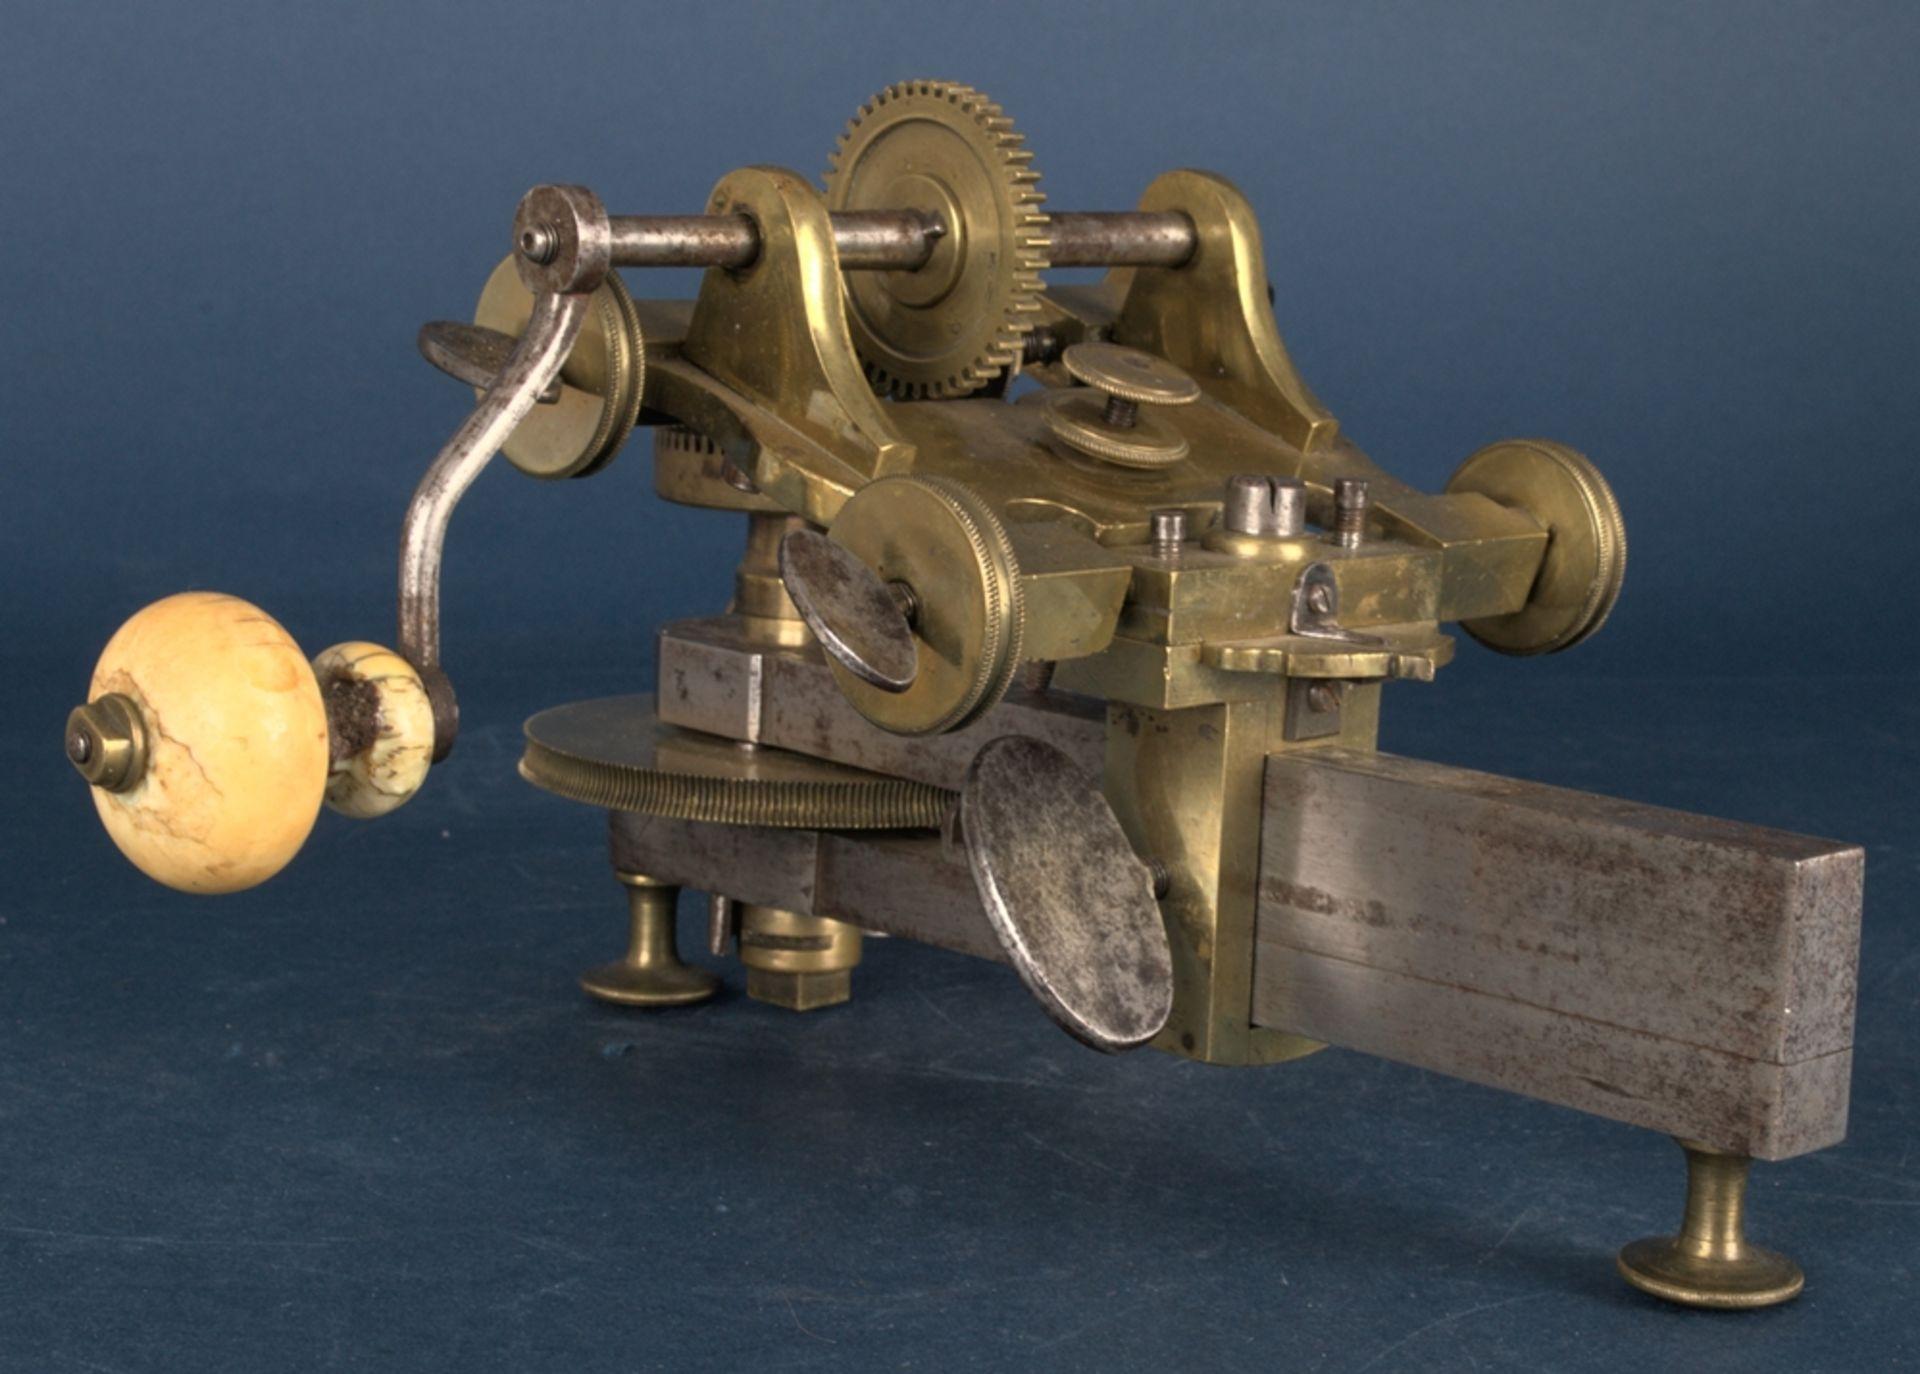 Zahnradfräsmaschine/Zahnräderschneidemaschine, frühes Uhrmacherwerkzeug, deutsch Mitte 18. Jhd., - Bild 8 aus 29